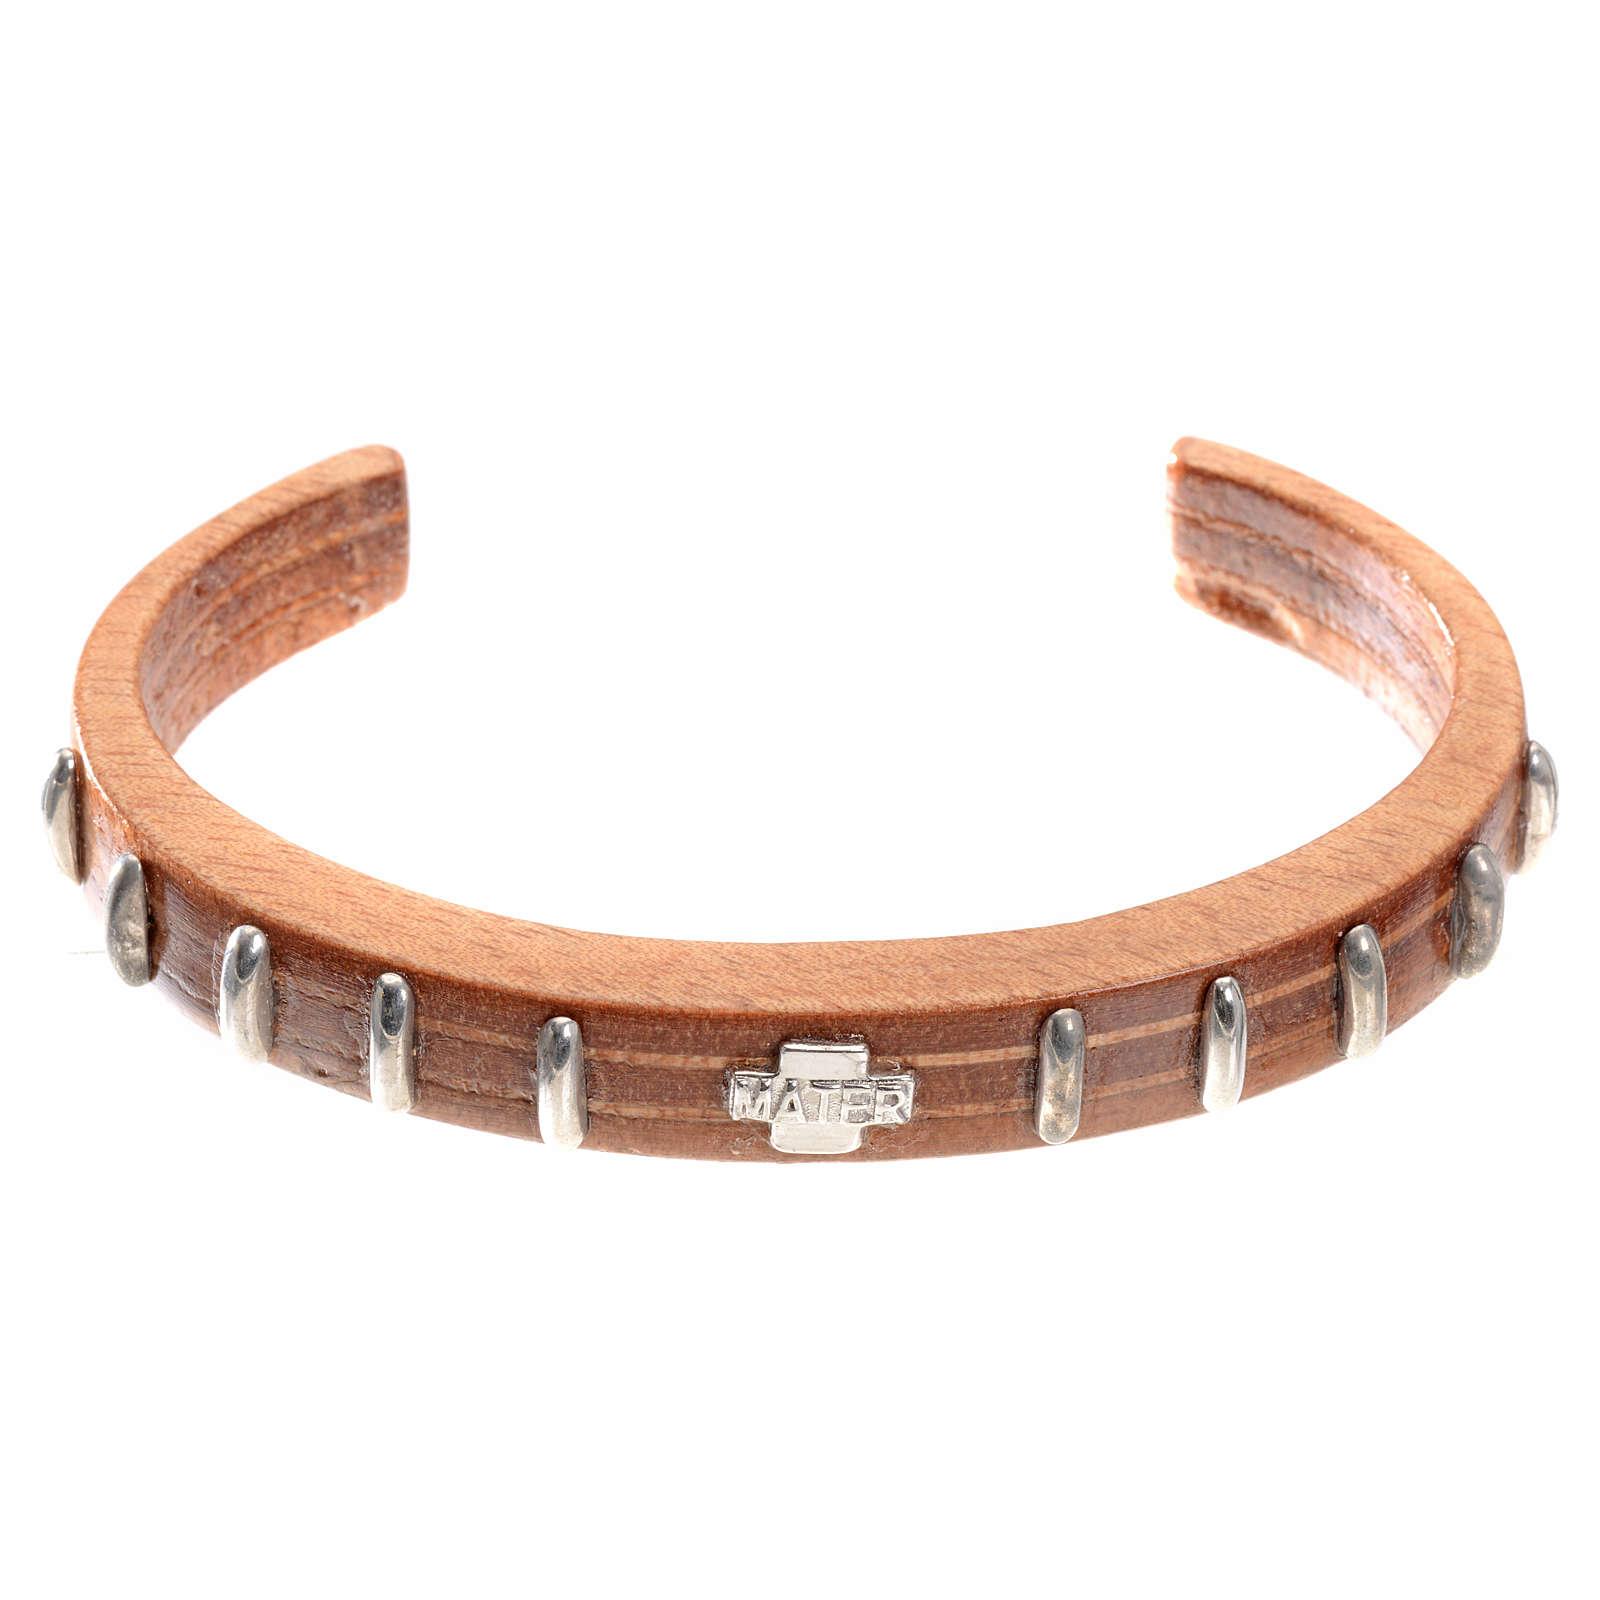 Bracelet dizainier MATER bois et argent 4